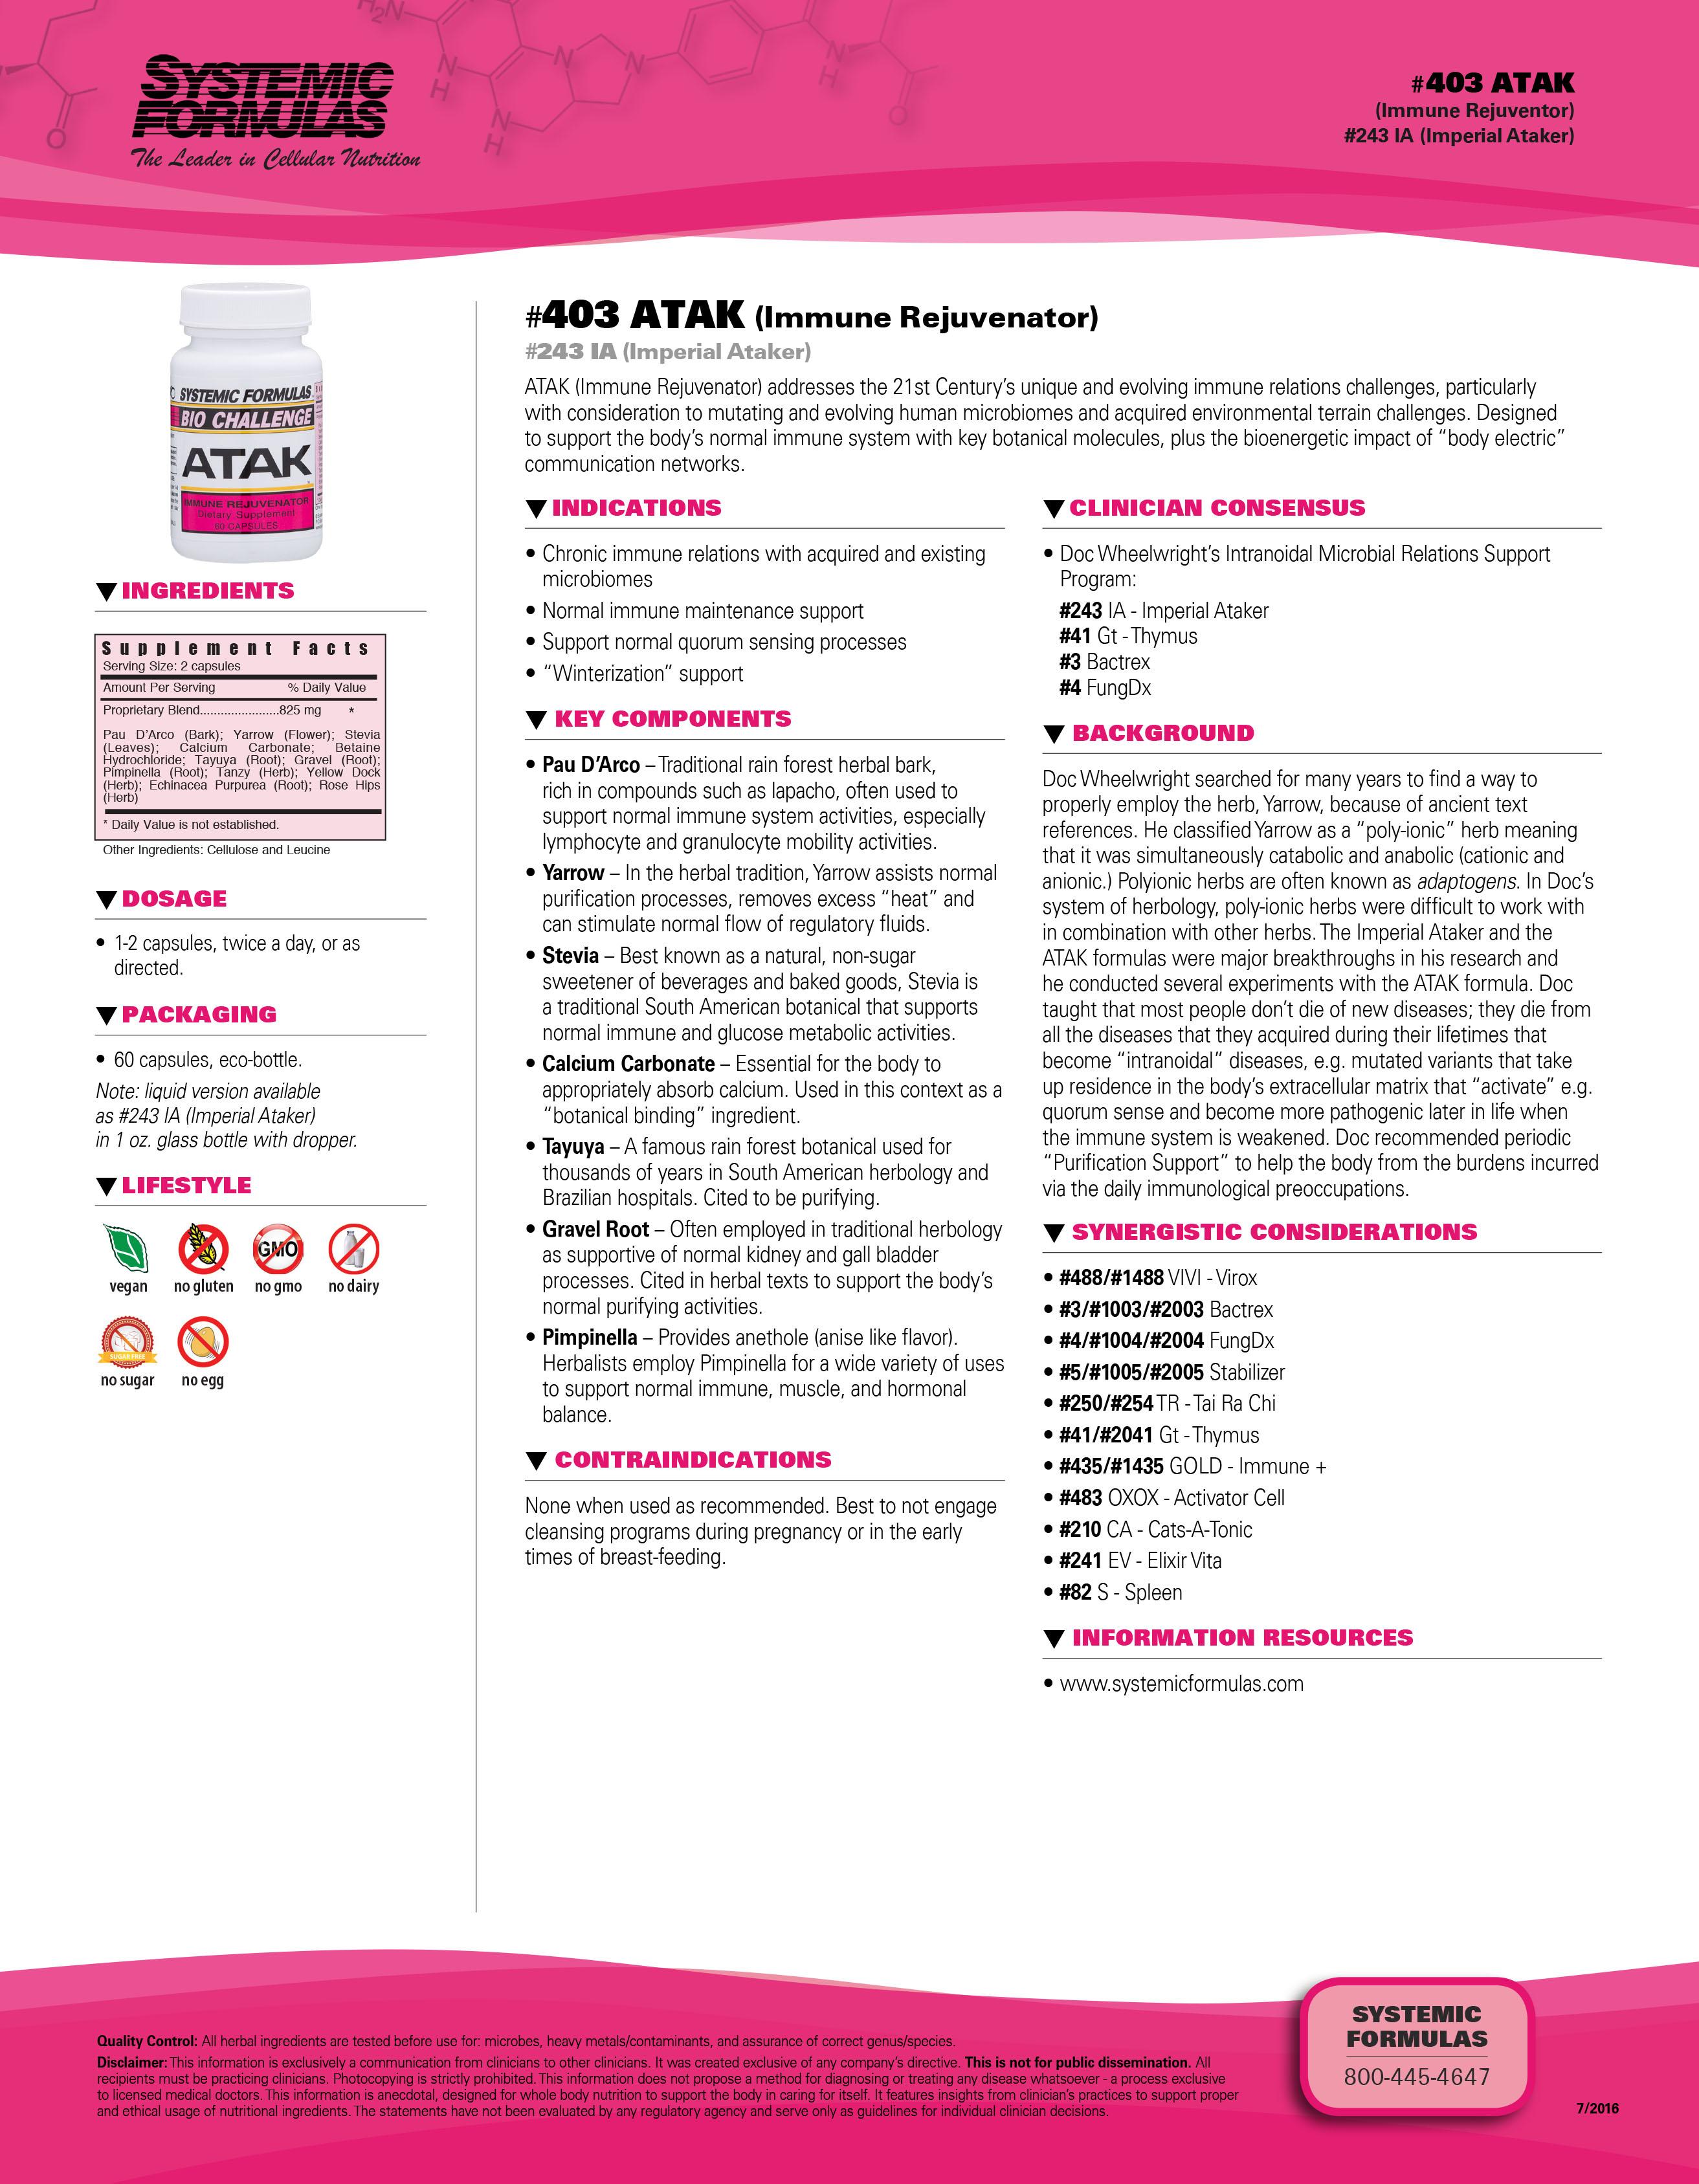 #403 ATAK (Immune Rejuvenator)